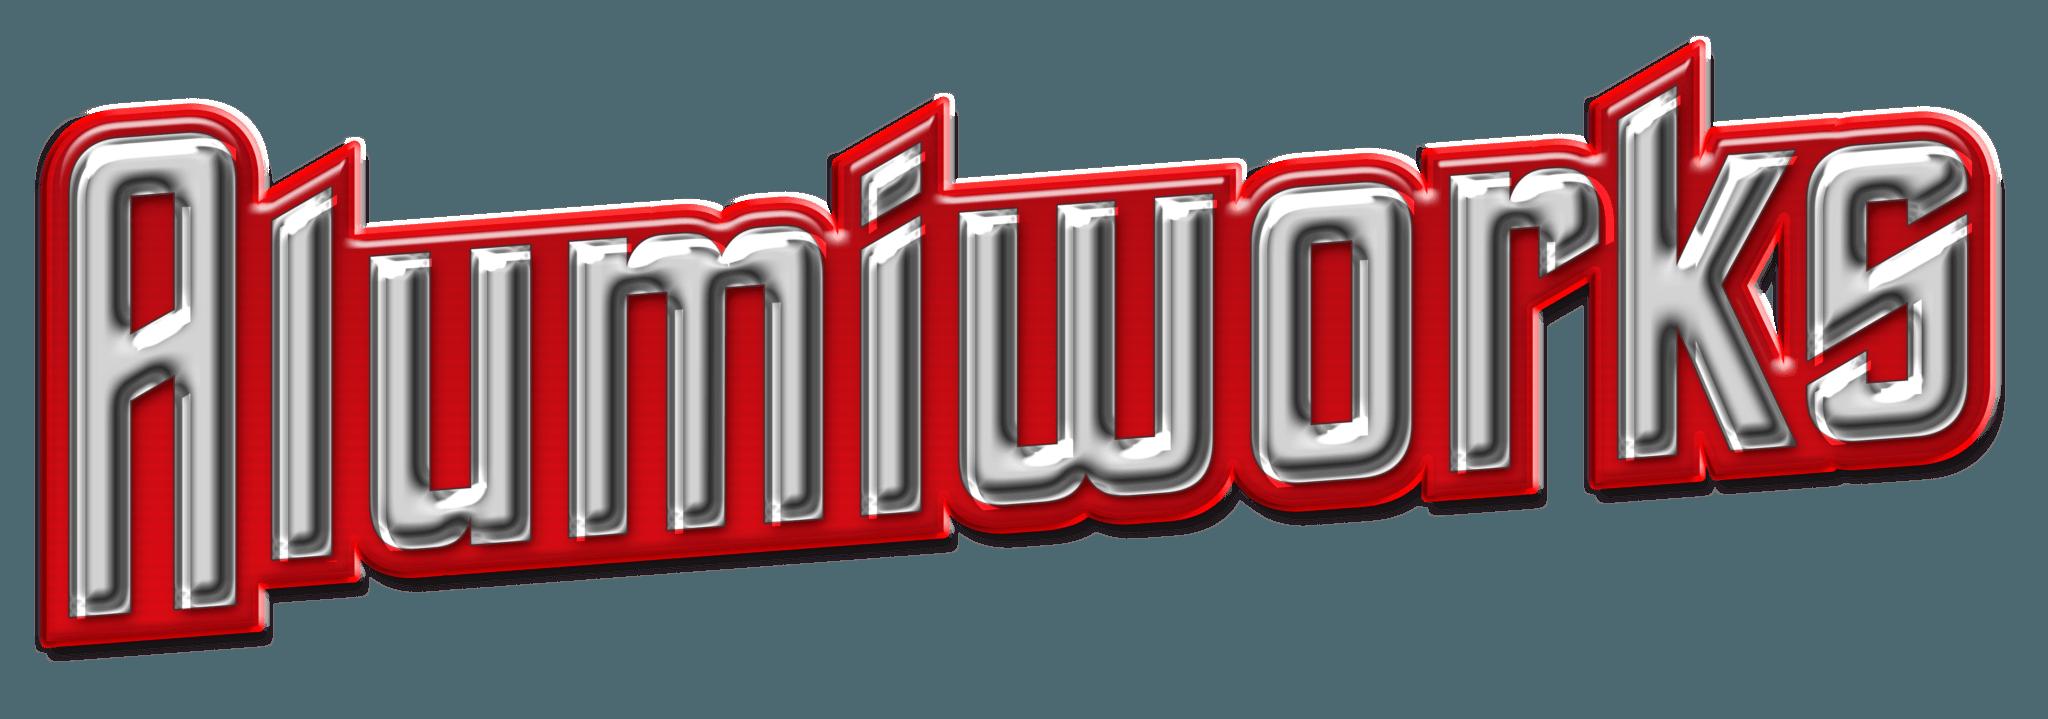 Alumiworks